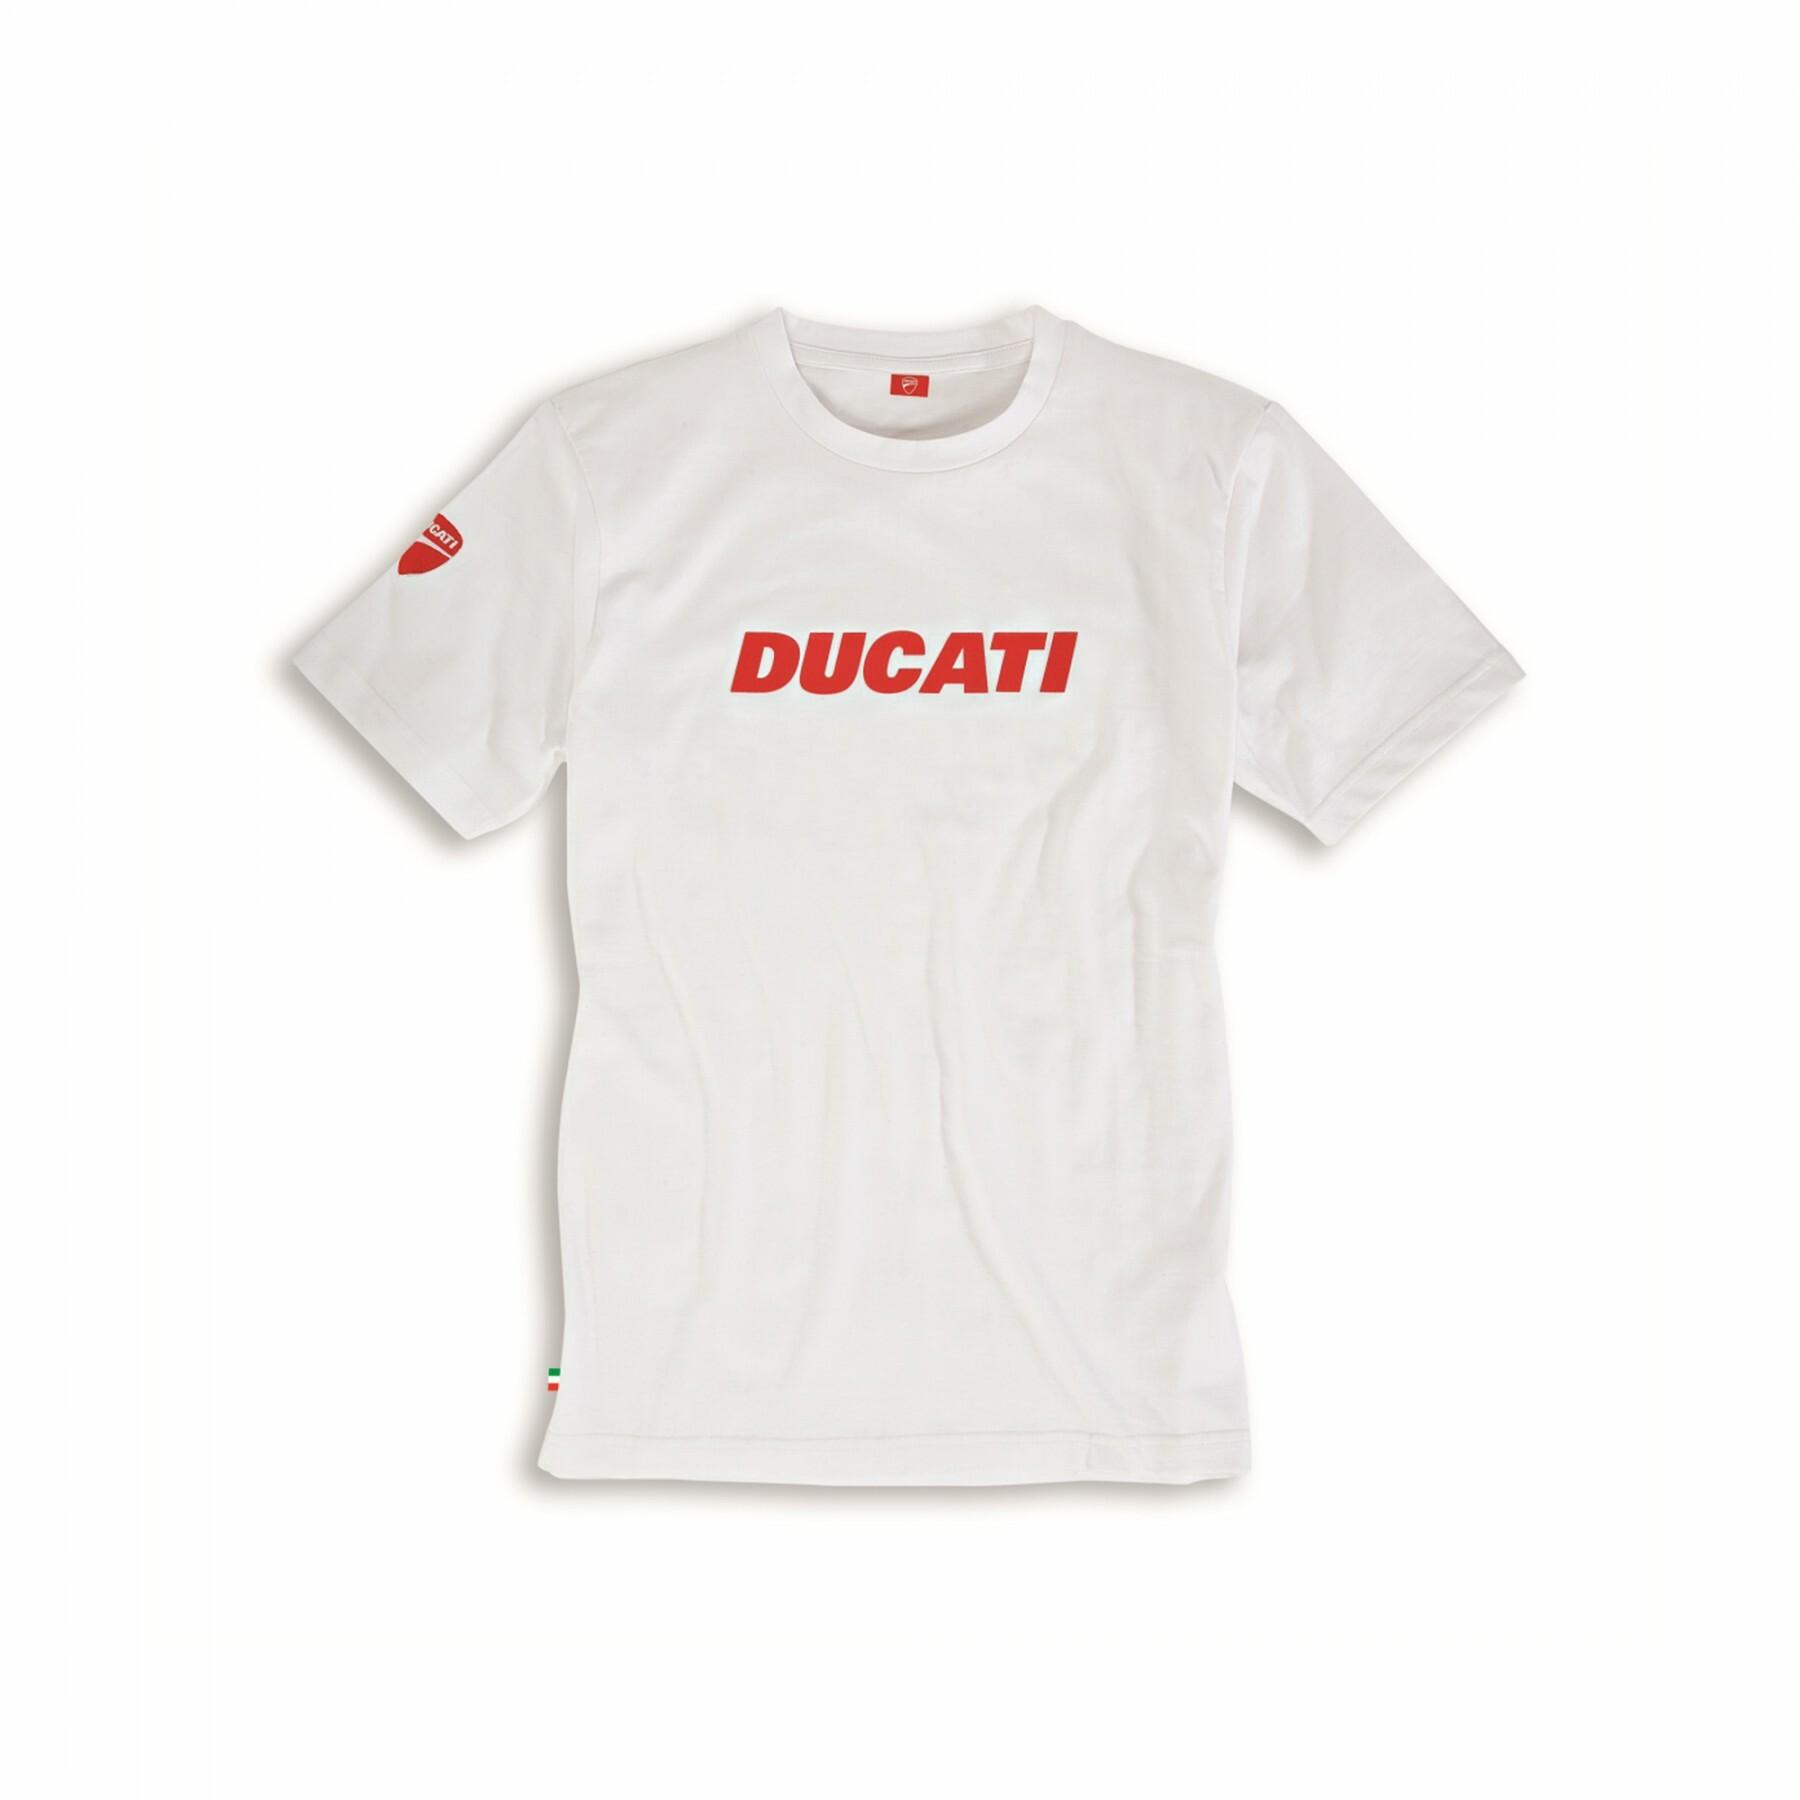 T-shirt Ducatiana 2 White 98769051